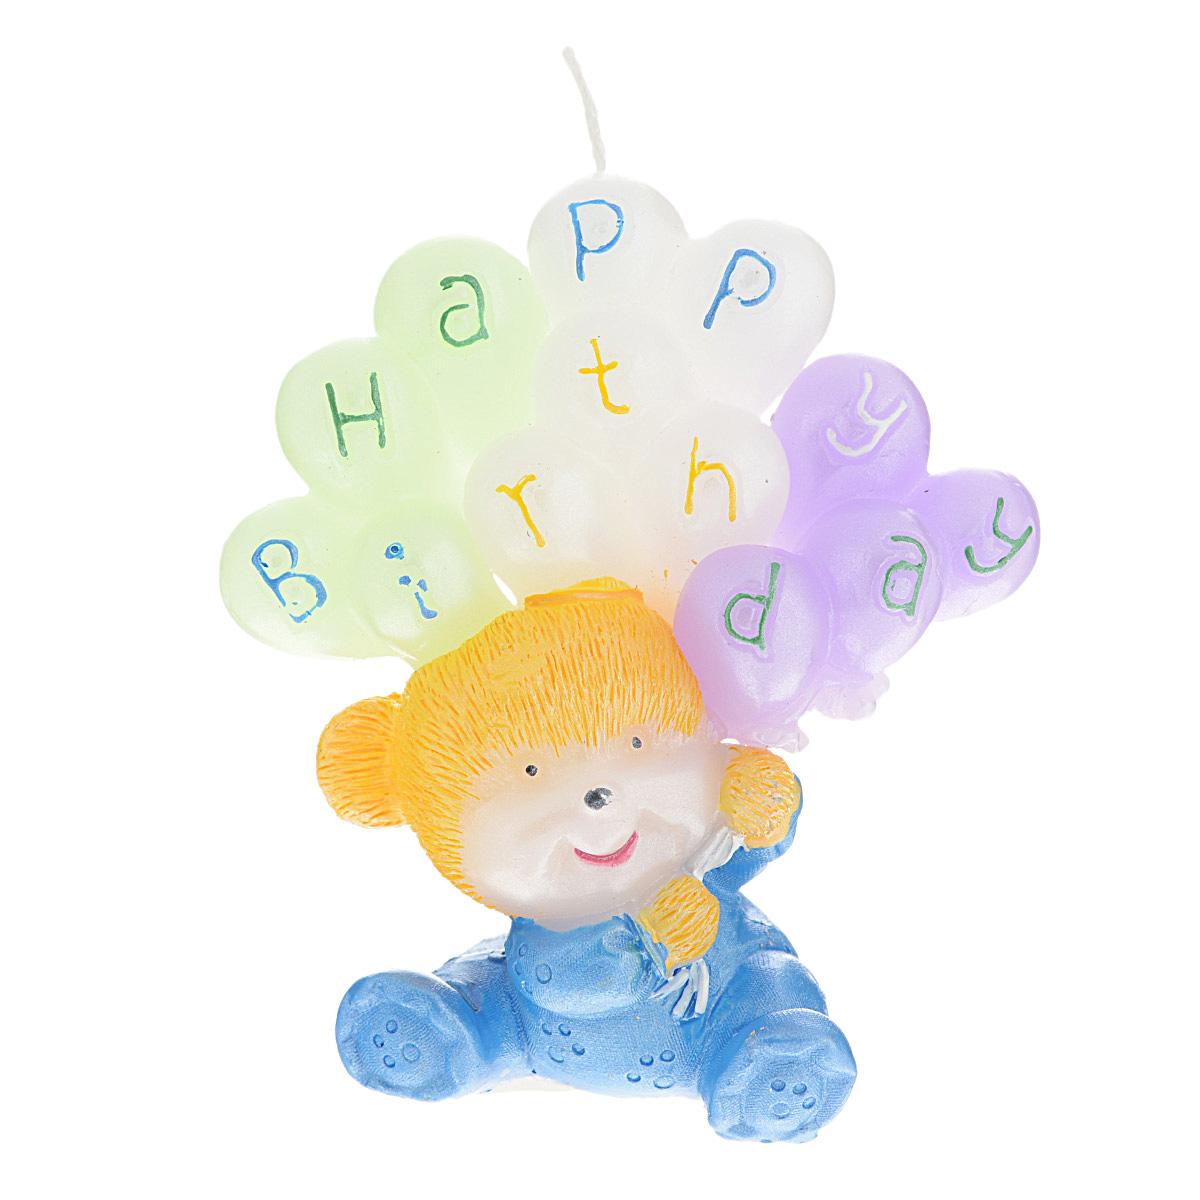 Свеча декоративная Win Max С днем рождения, цвет: голубой, 6 см х 6 см х 8 см. 9445994459Декоративная свеча Win Max С днем рождения изготовлена из парафина в форме мишки с шариками. Свеча упакована в прозрачную пластиковую коробку и украшена бантиком. Декоративная свеча Win Max С днем рождения может стать отличным подарком на день рождение.